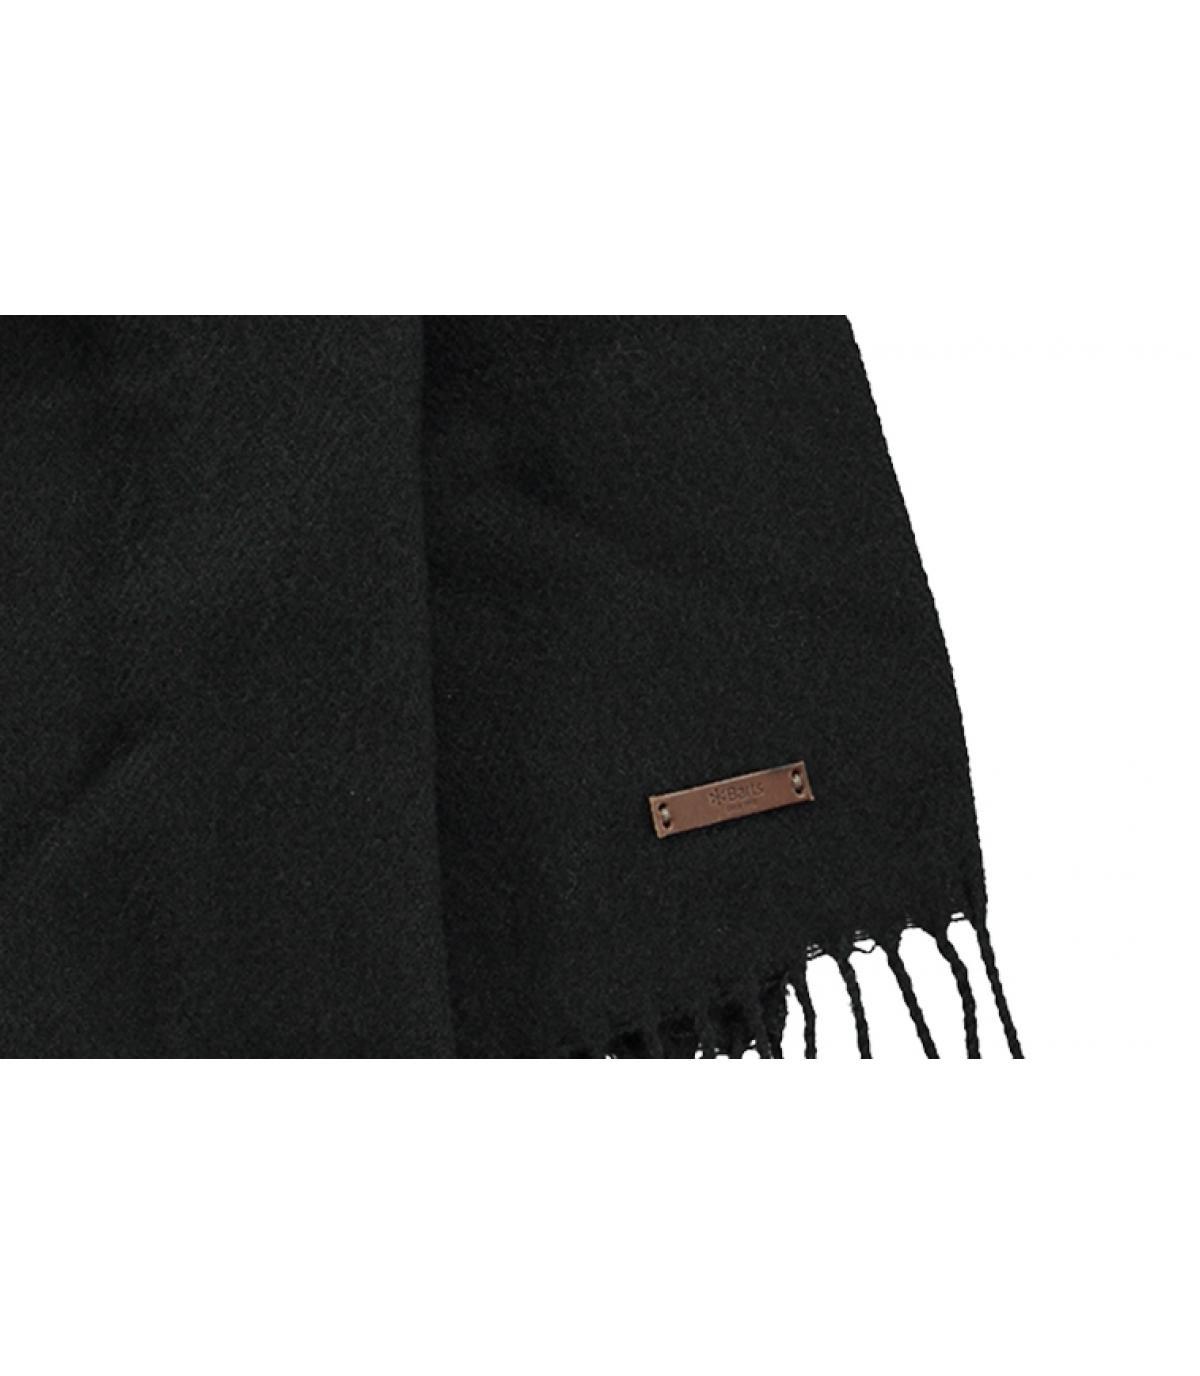 Detalles Soho scarf black imagen 2